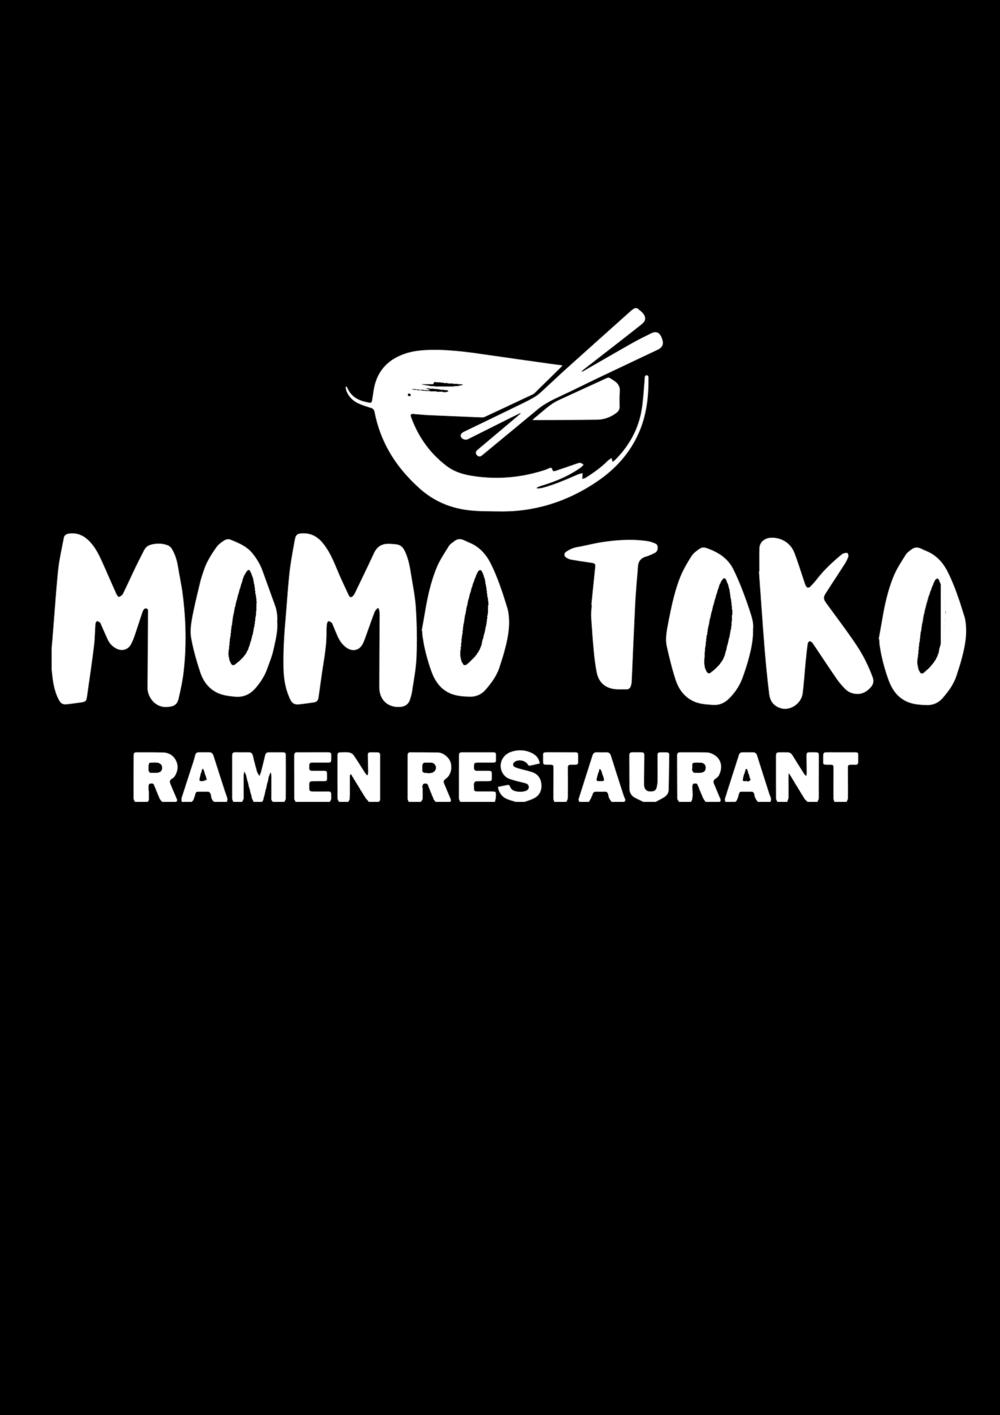 momotoko transparent logo.png